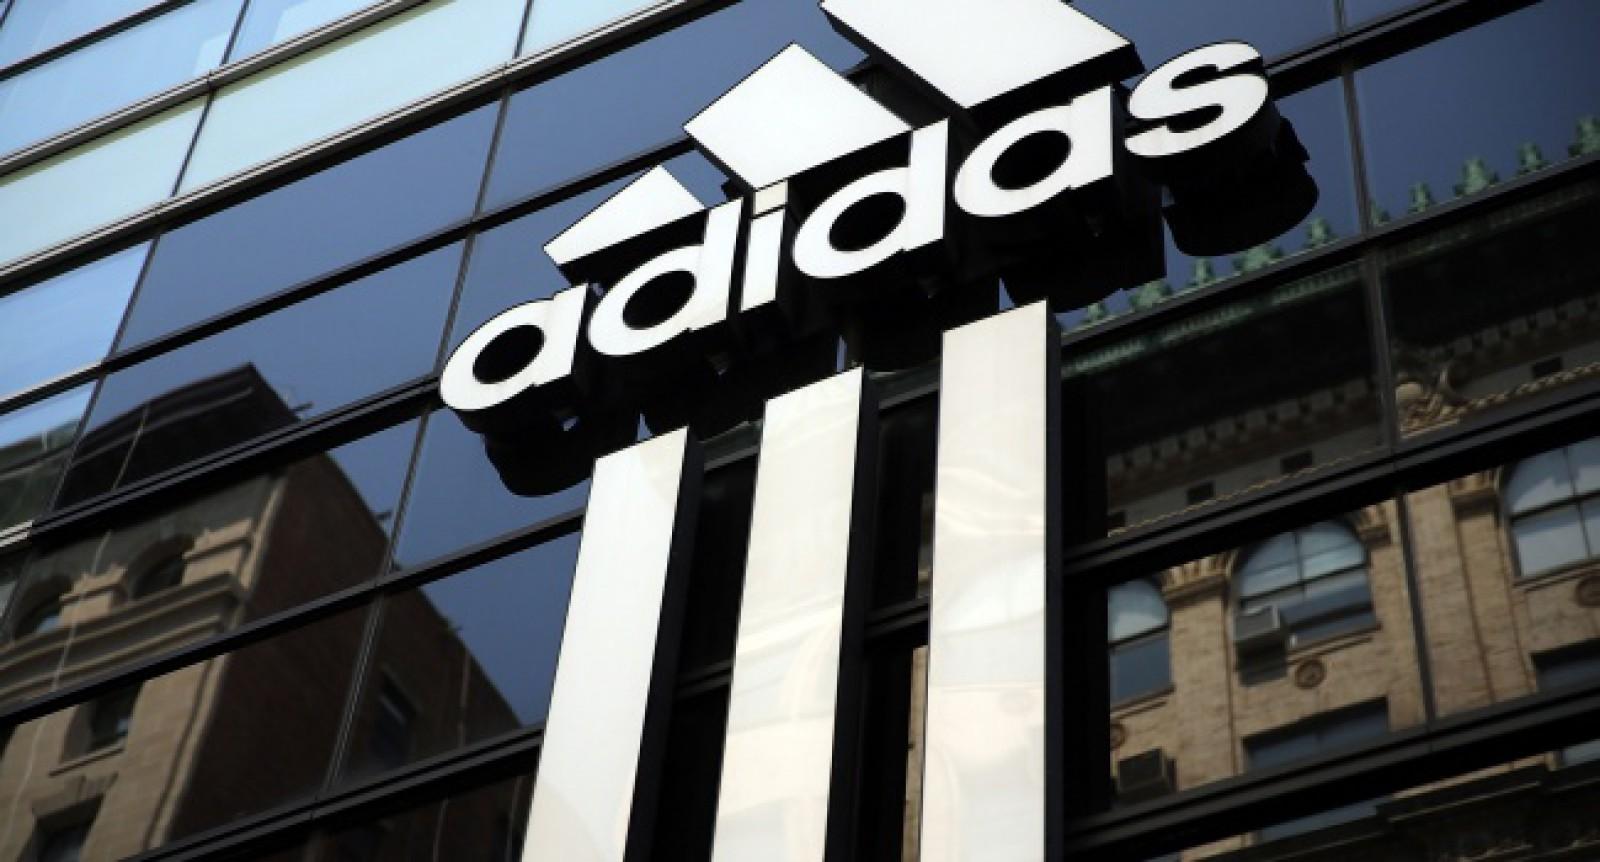 Compania internațională Adidas se judecă cu un butic de la Piața Centrală. Cine încalcă legea